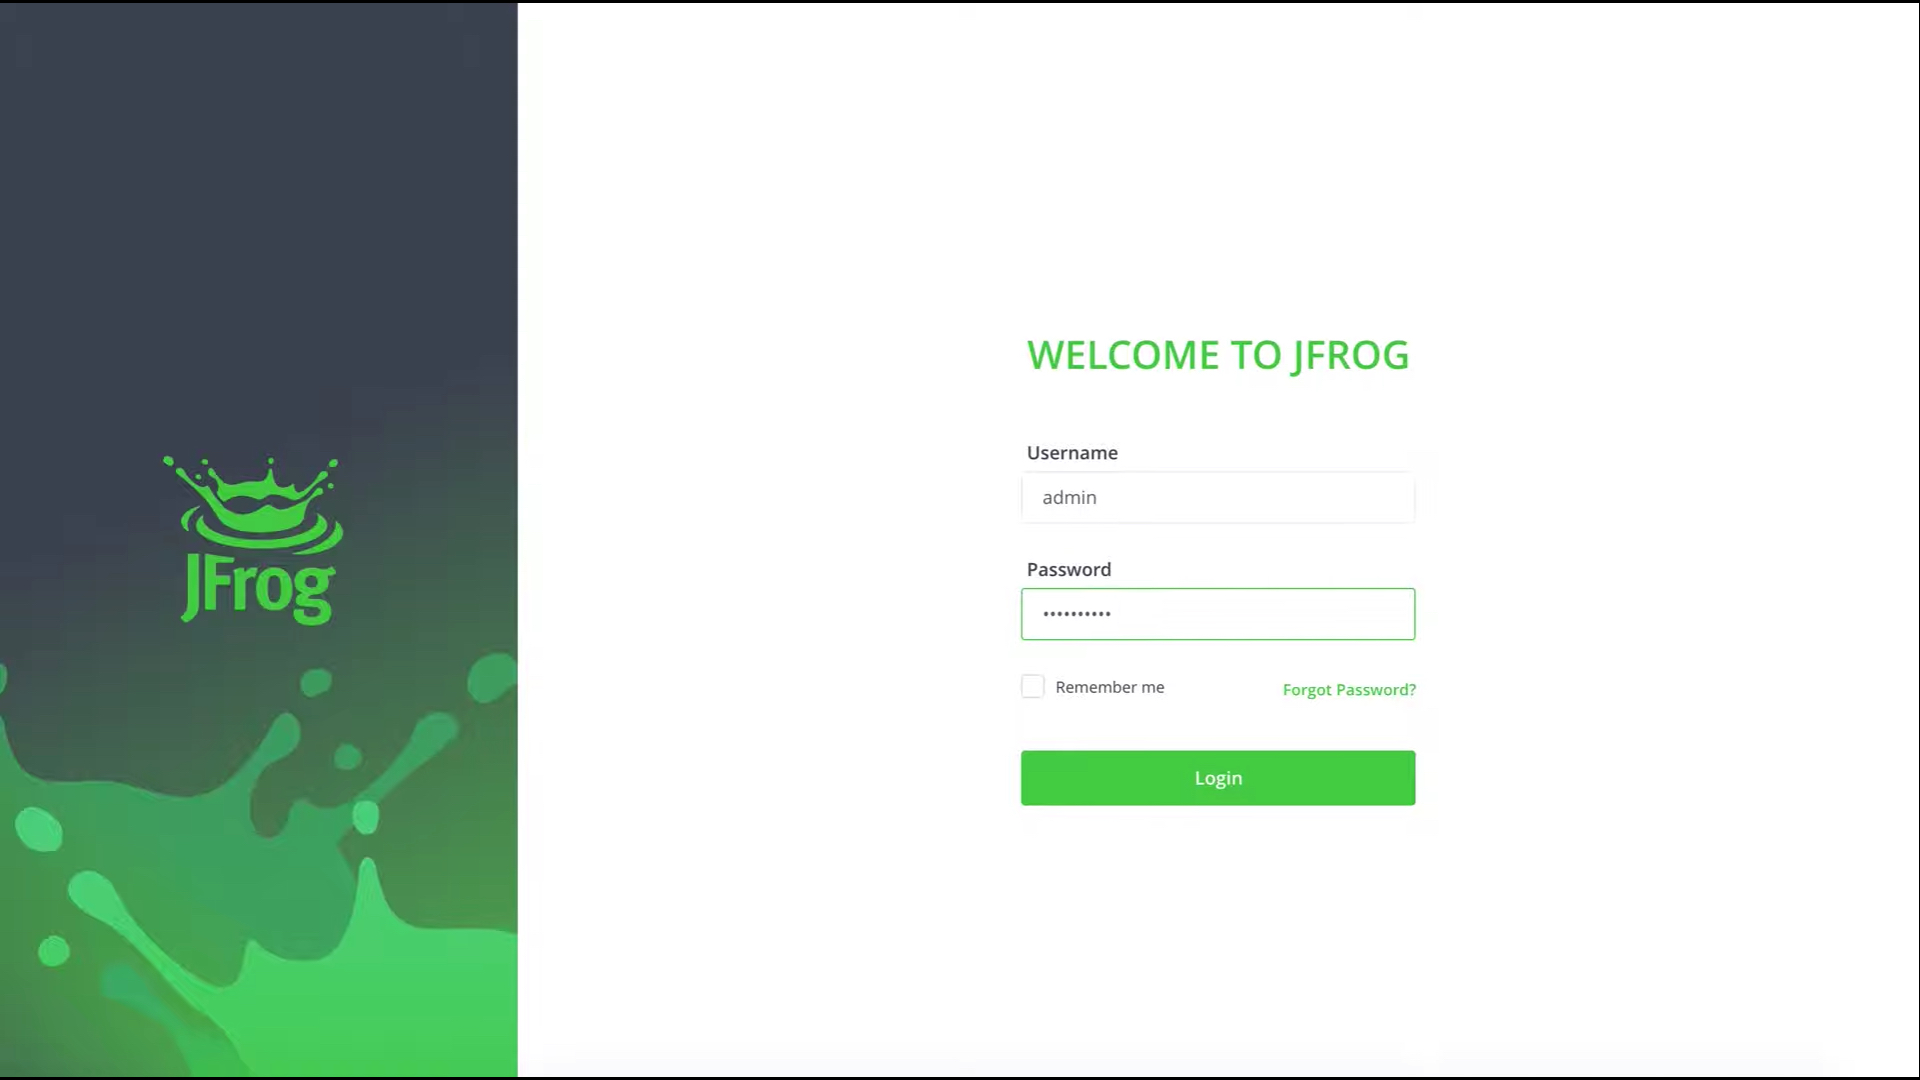 Login to JFrog Platform